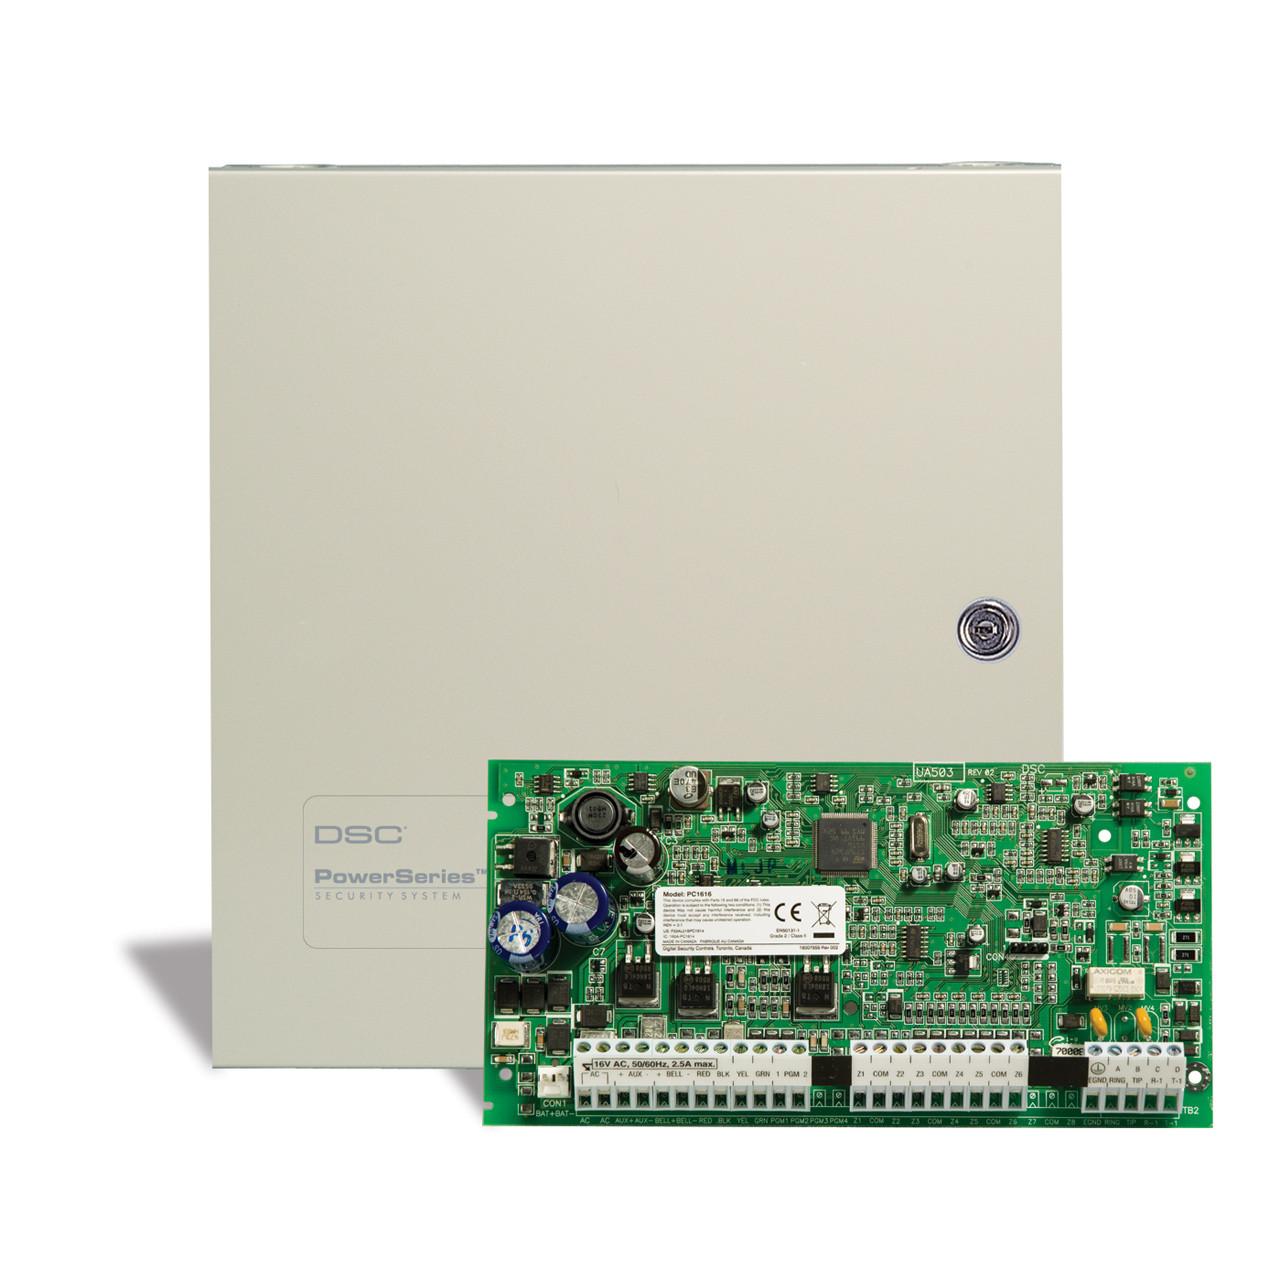 dsc pc1616 6 to 32 zone control panel tremtech electrical systems inc rh store tremtech com dsc 1616 alarm panel manual dsc alarm system manual pc1616